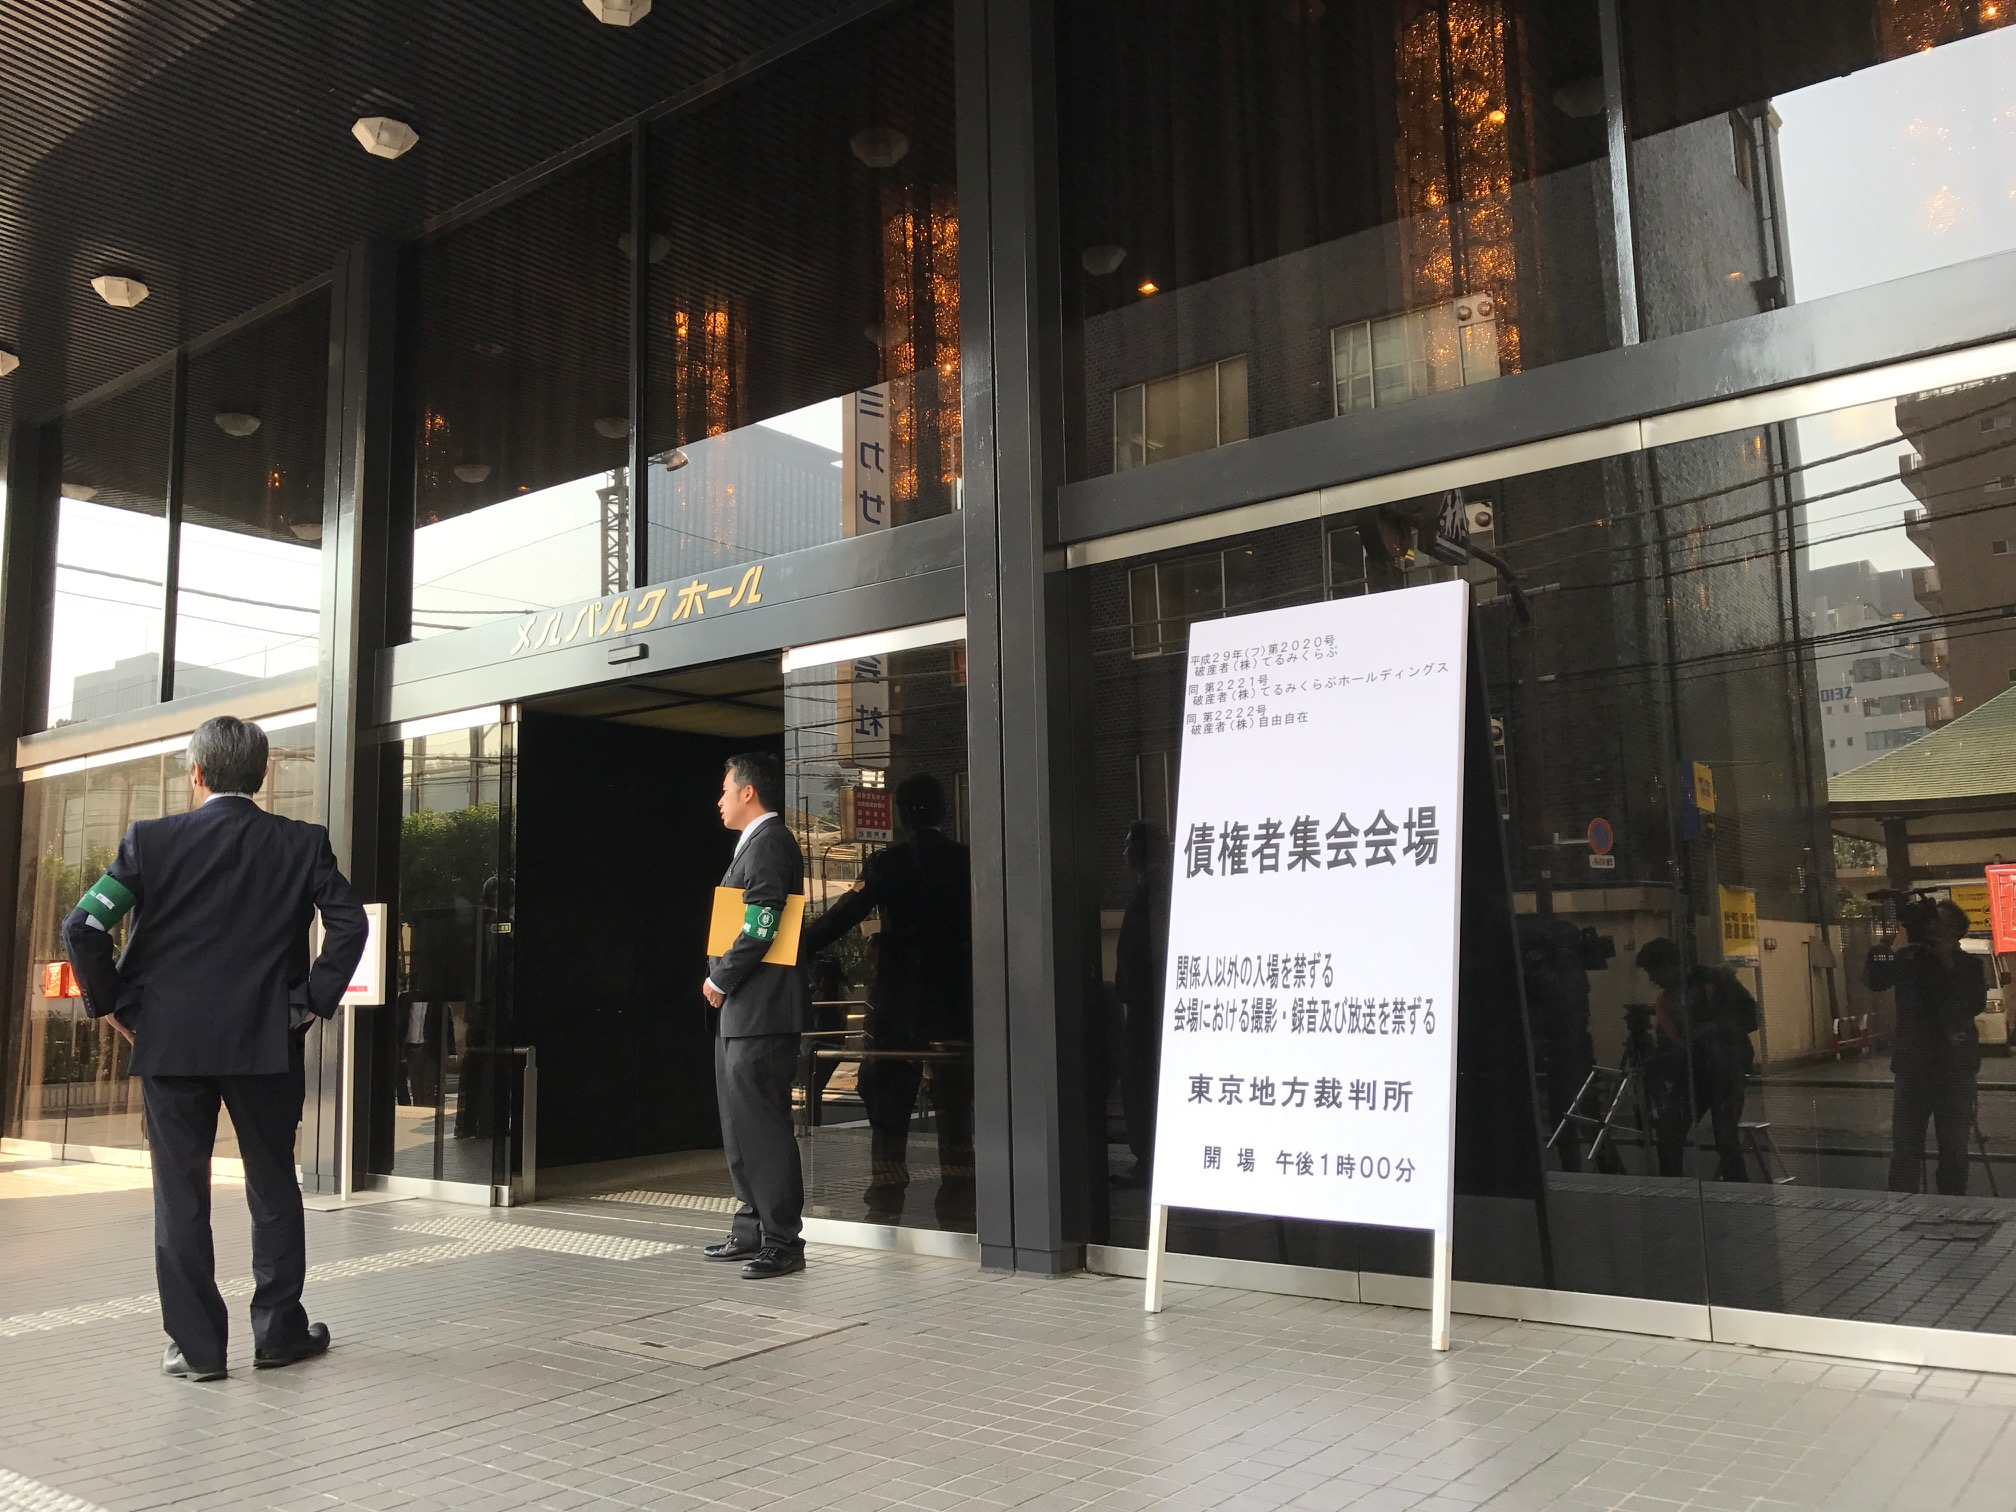 てるみくらぶ債権者集会の質疑応答をまとめた、山田社長は詐欺を否定、粉飾の手口も言及